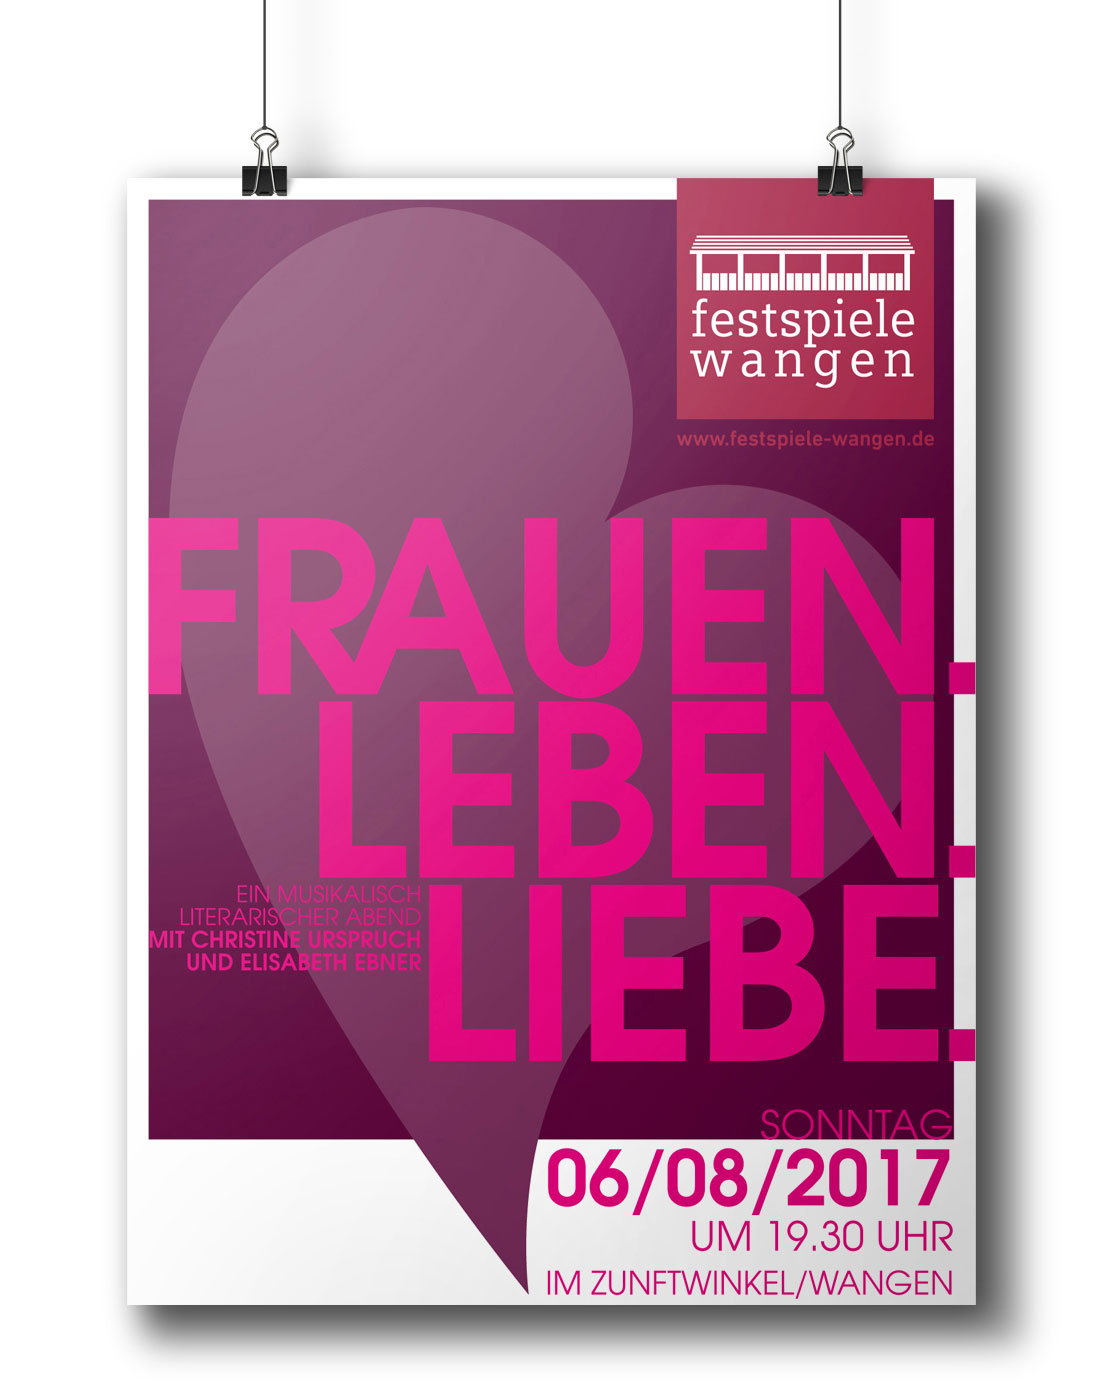 FestspieleWangen_FrauenLebenLiebe